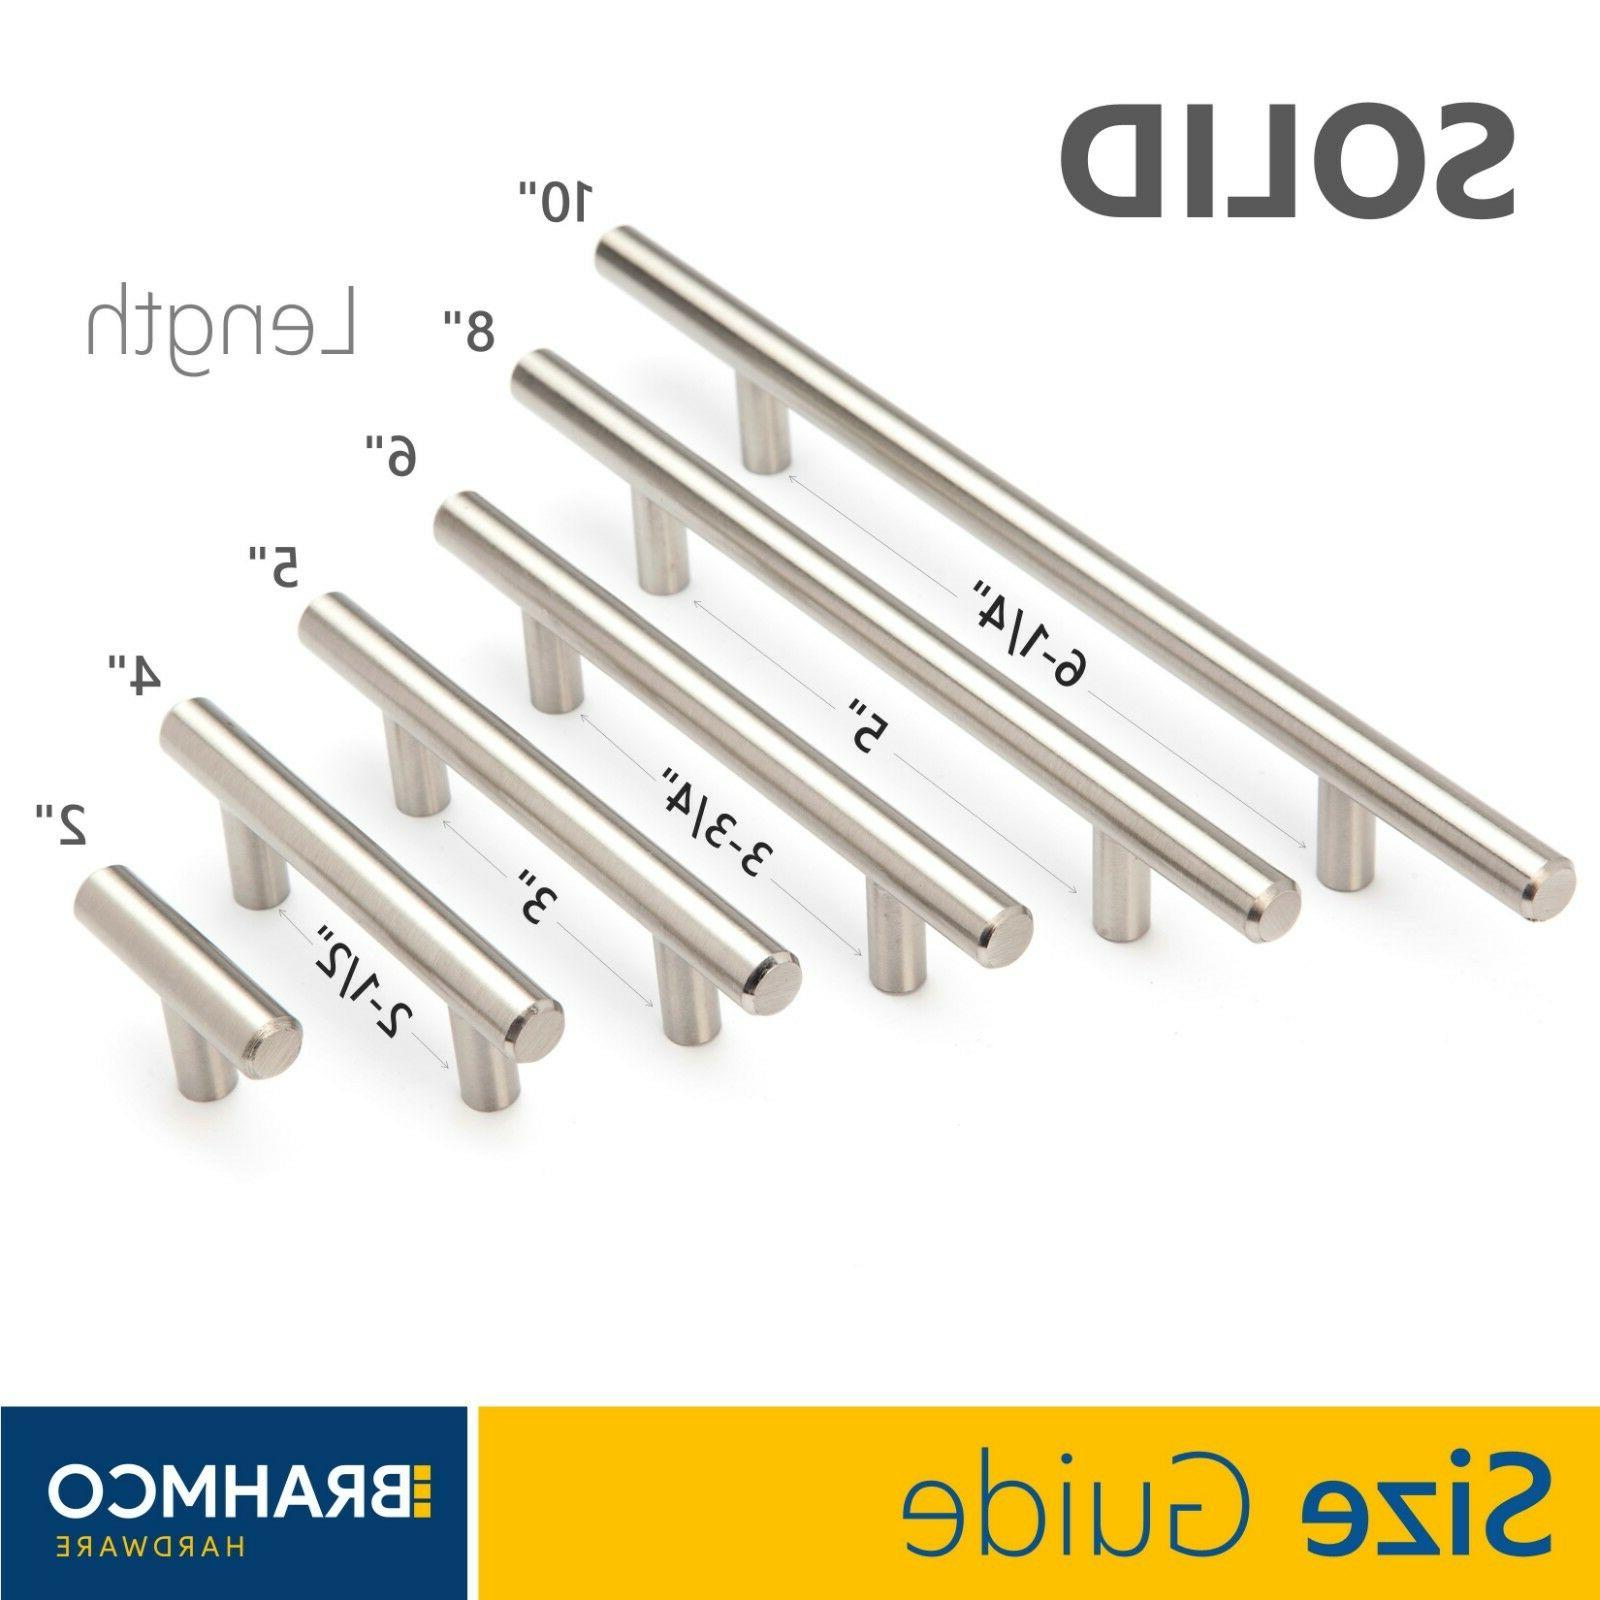 SOLID Steel Brushed Nickel T